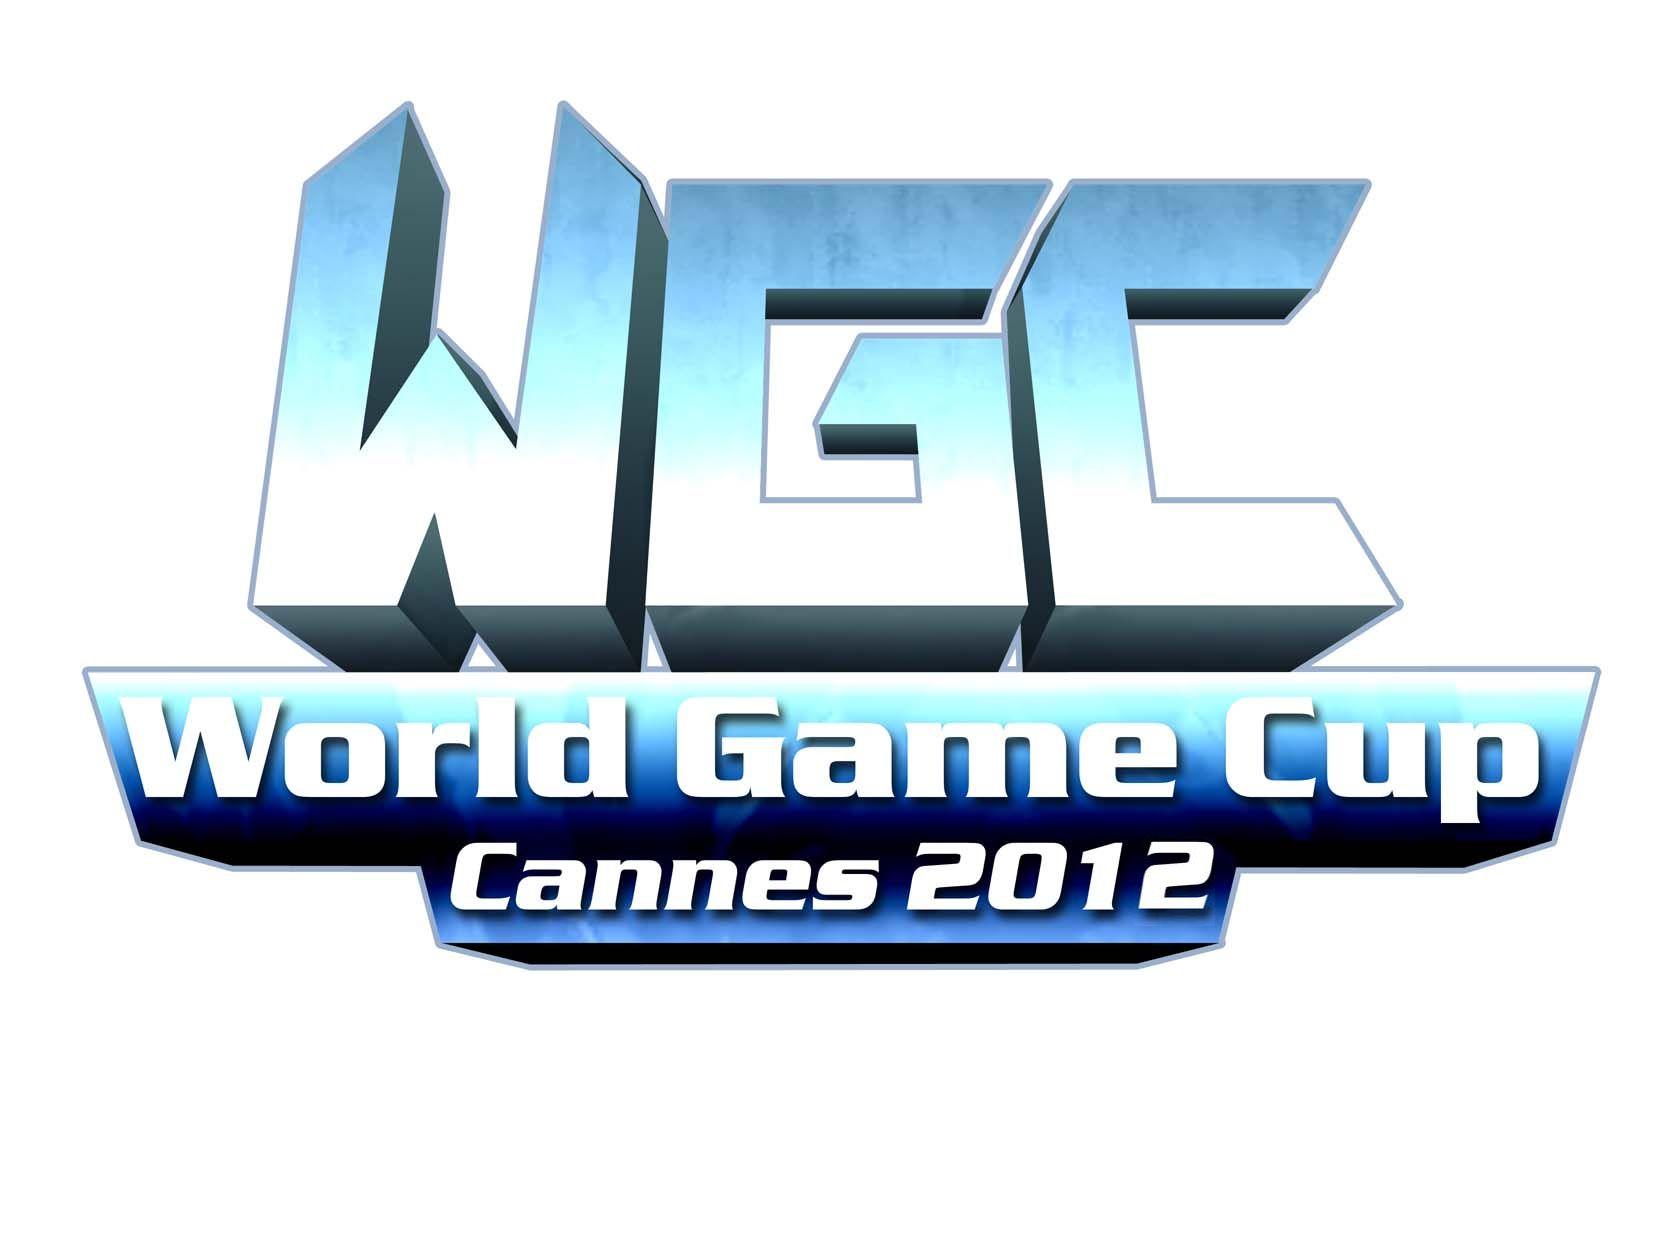 World Game Cup 2012 – Premier Communiqué (17 au 19 Février 2012)